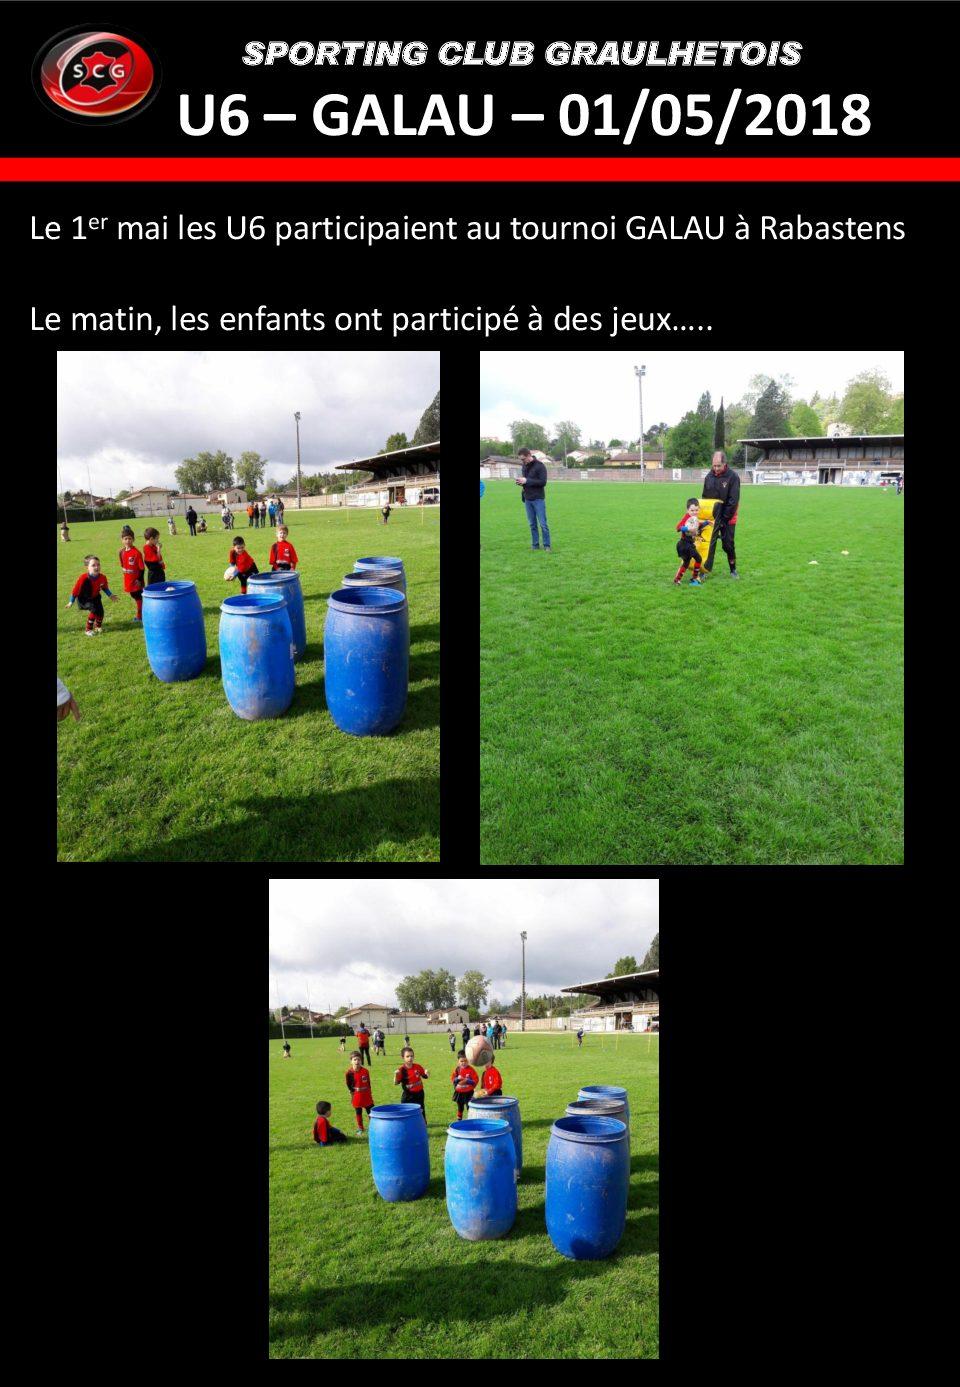 http://scg-rugby.com/wp-content/uploads/2018/05/GALAU-U6-4-pdf-2.jpg